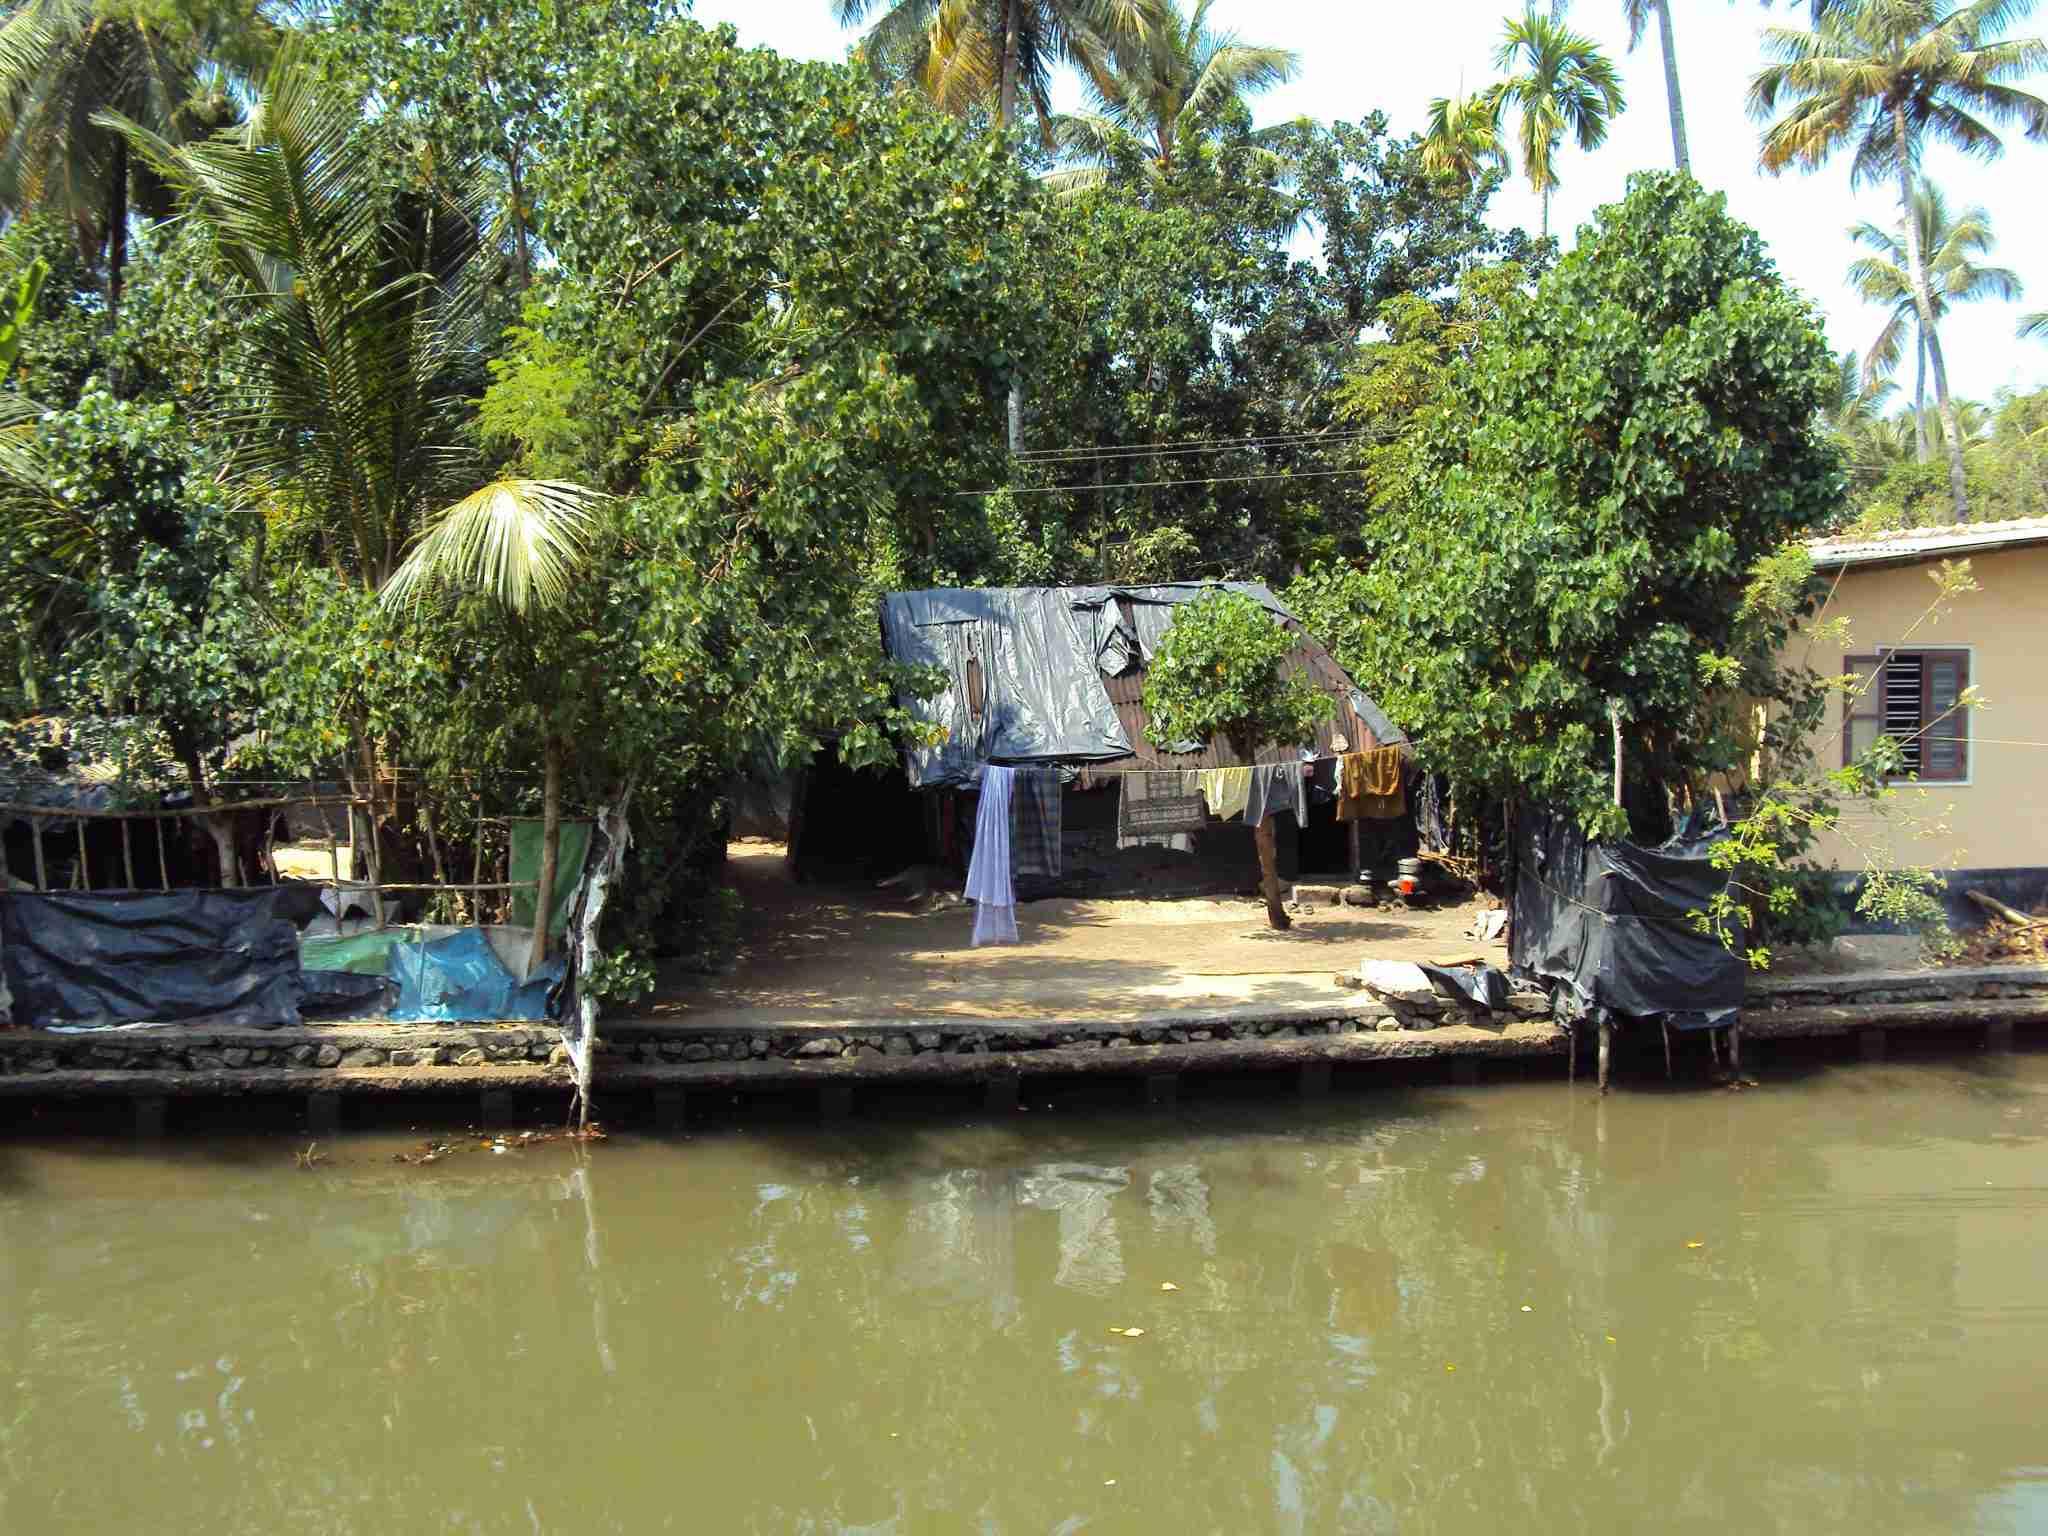 Hütten am Ufer